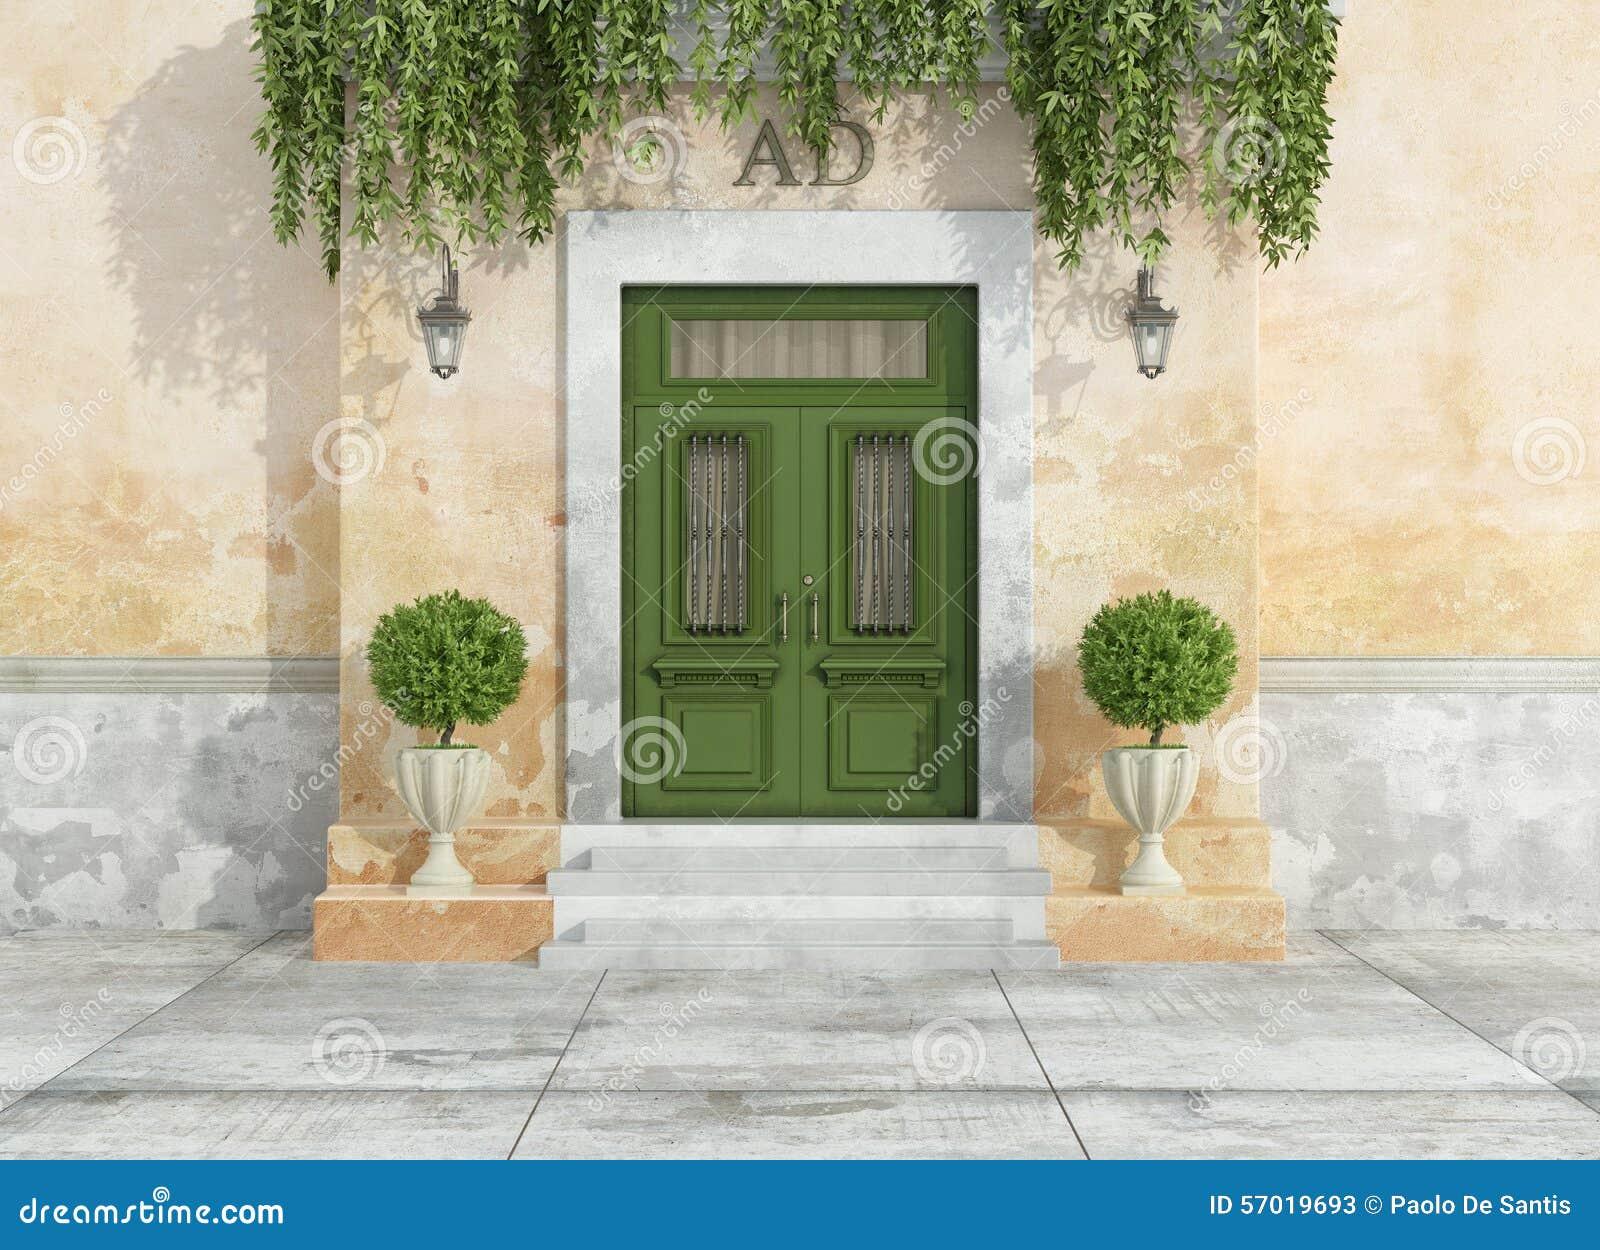 Entr e ext rieure d 39 une maison de campagne illustration for Une entree de maison